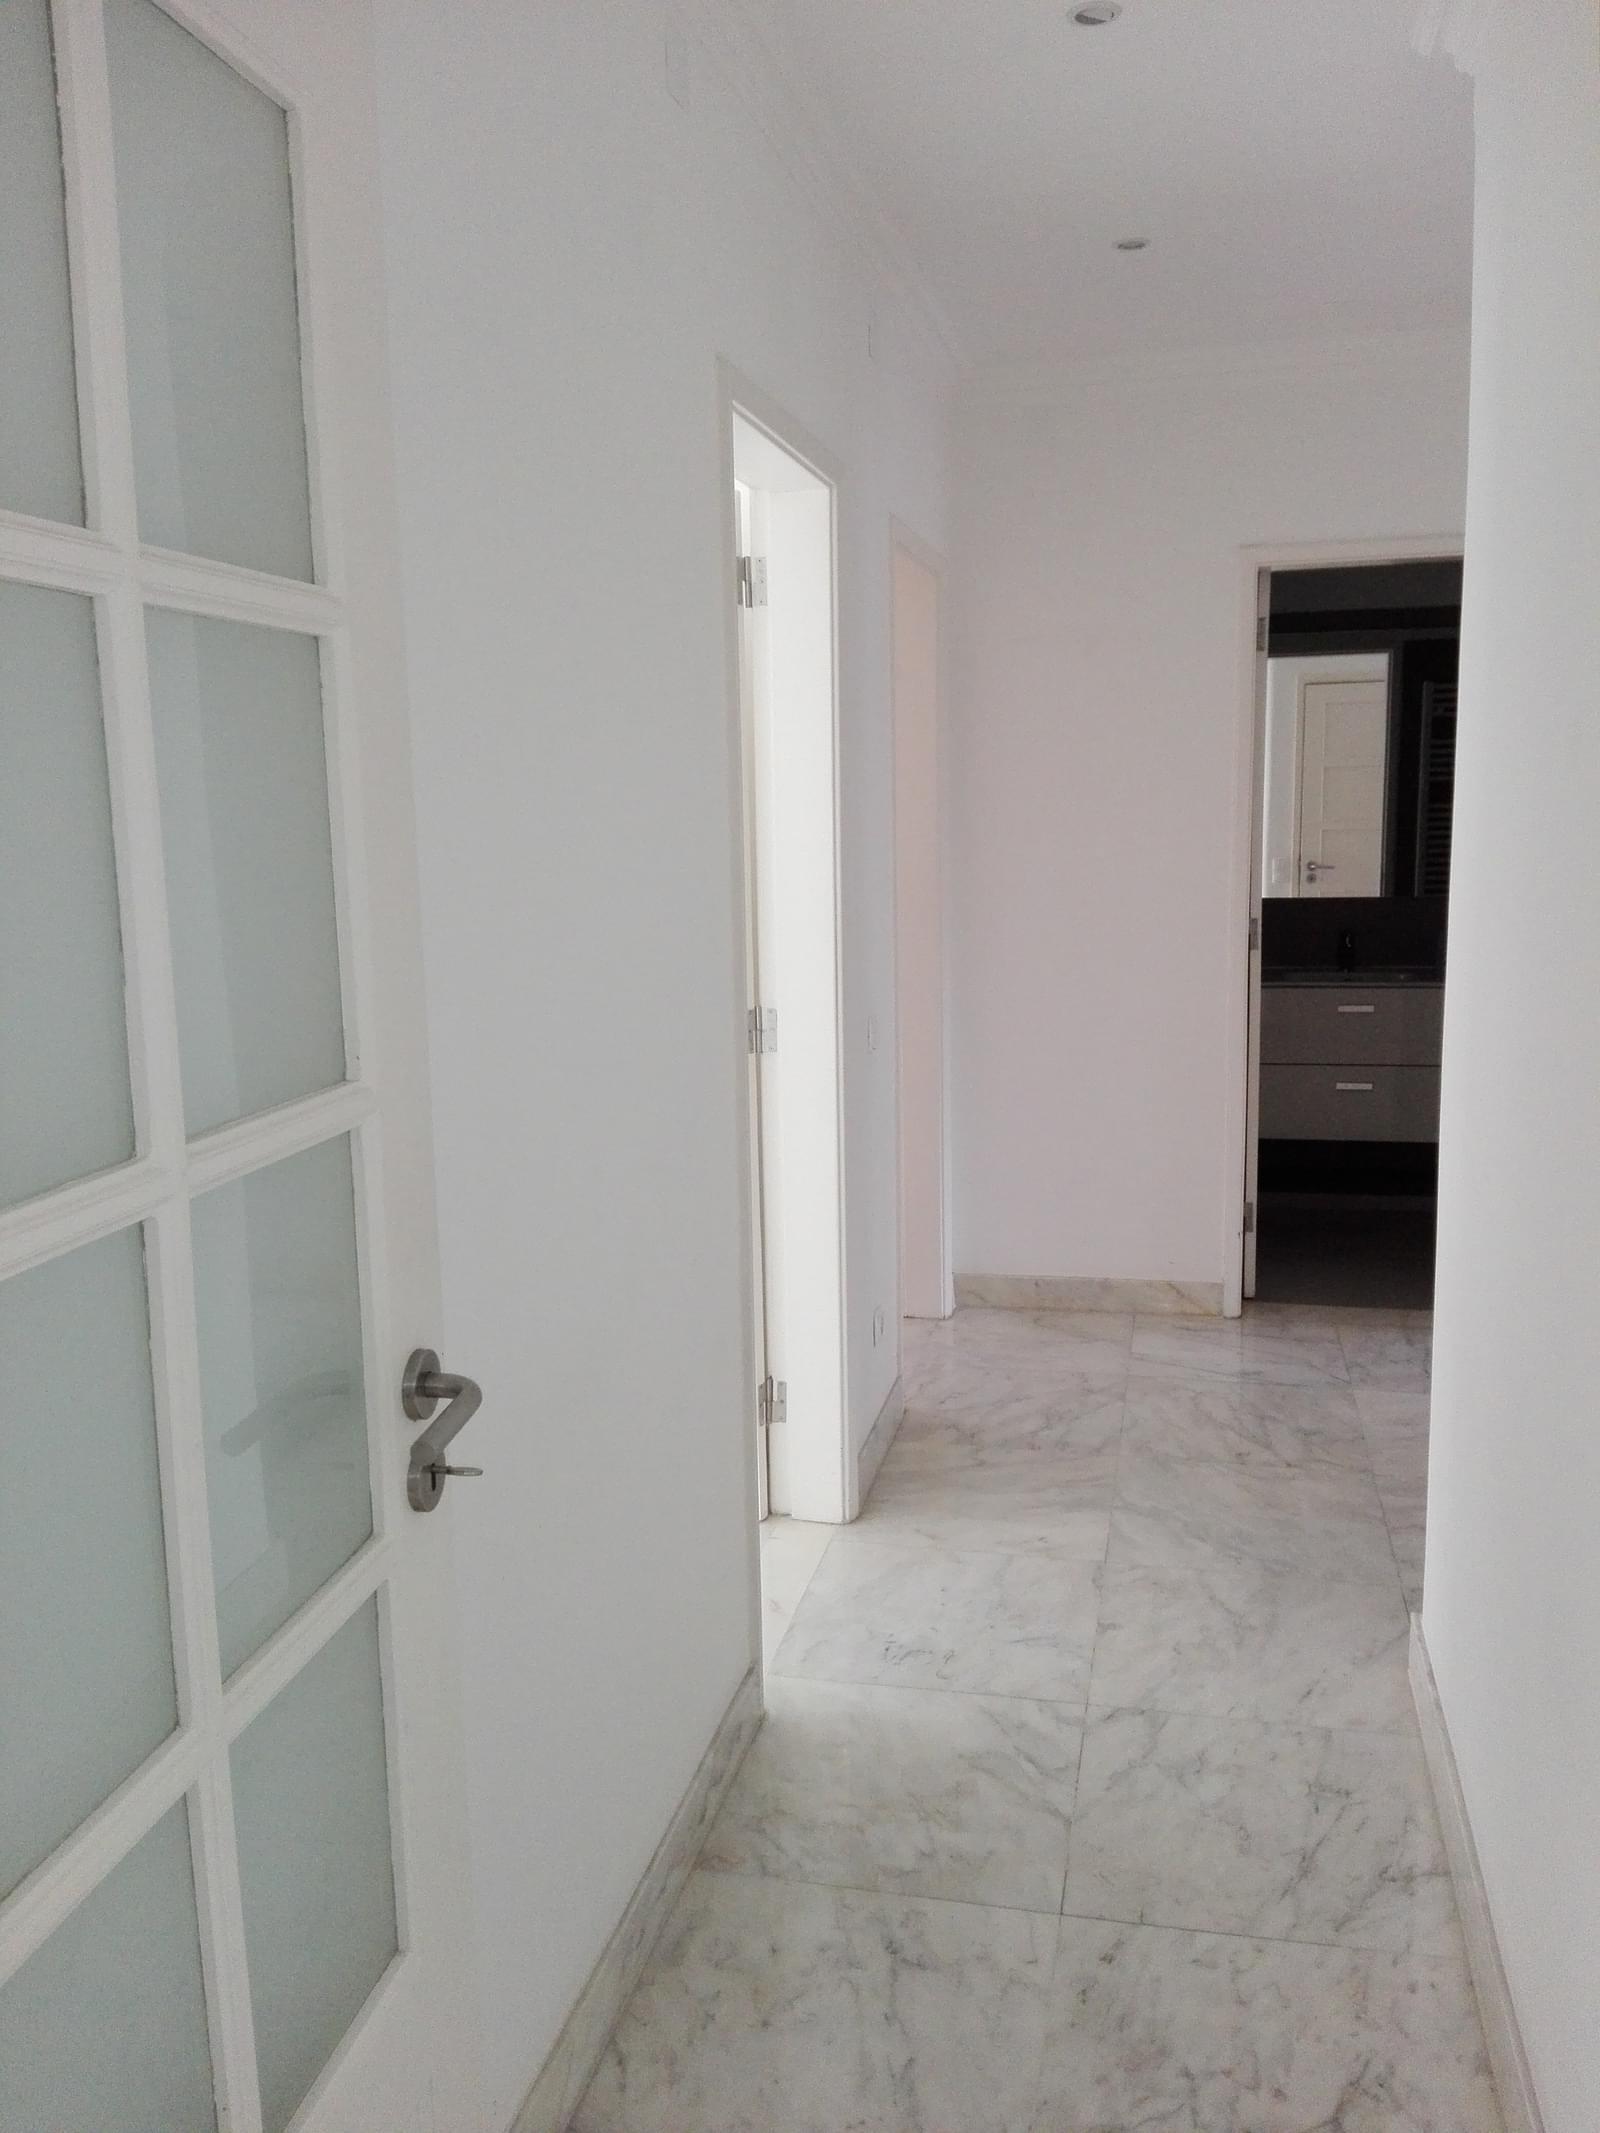 pf17056-apartamento-t4-1-lisboa-b7b623ce-42d6-4a88-902d-bf4aed52c035